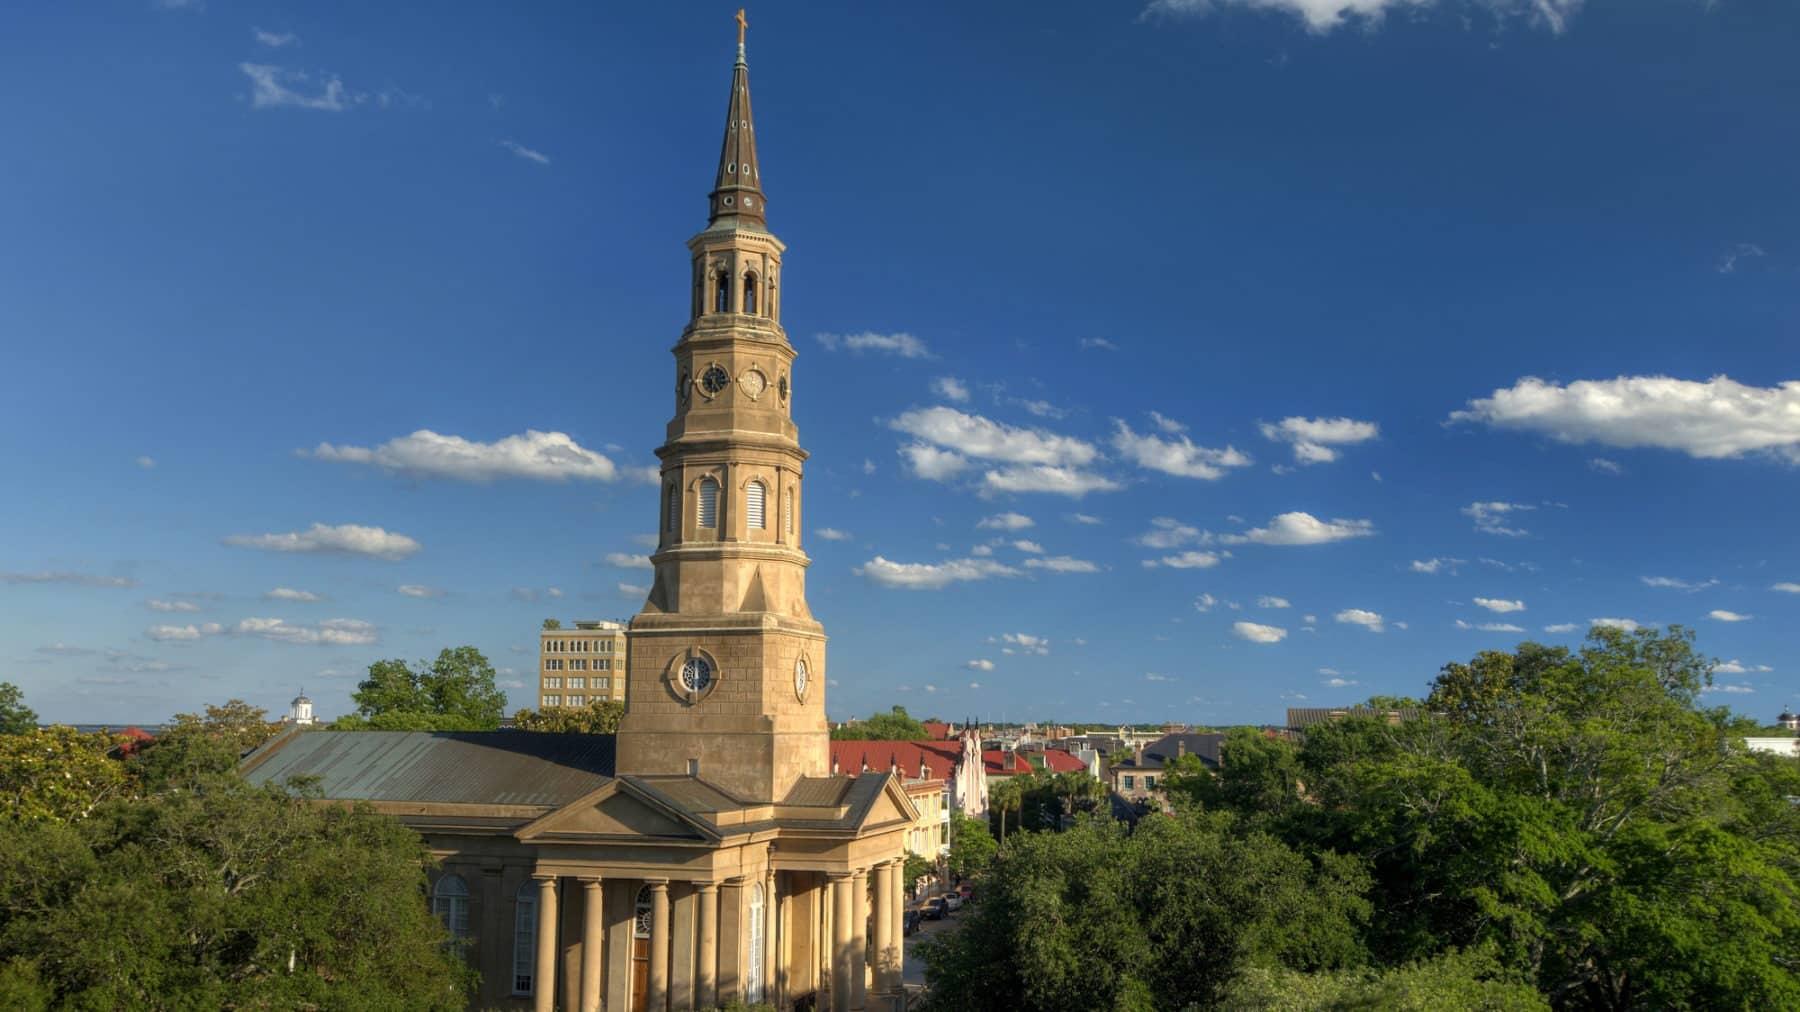 St. Phillips Episcopal Church in Charleston, SC